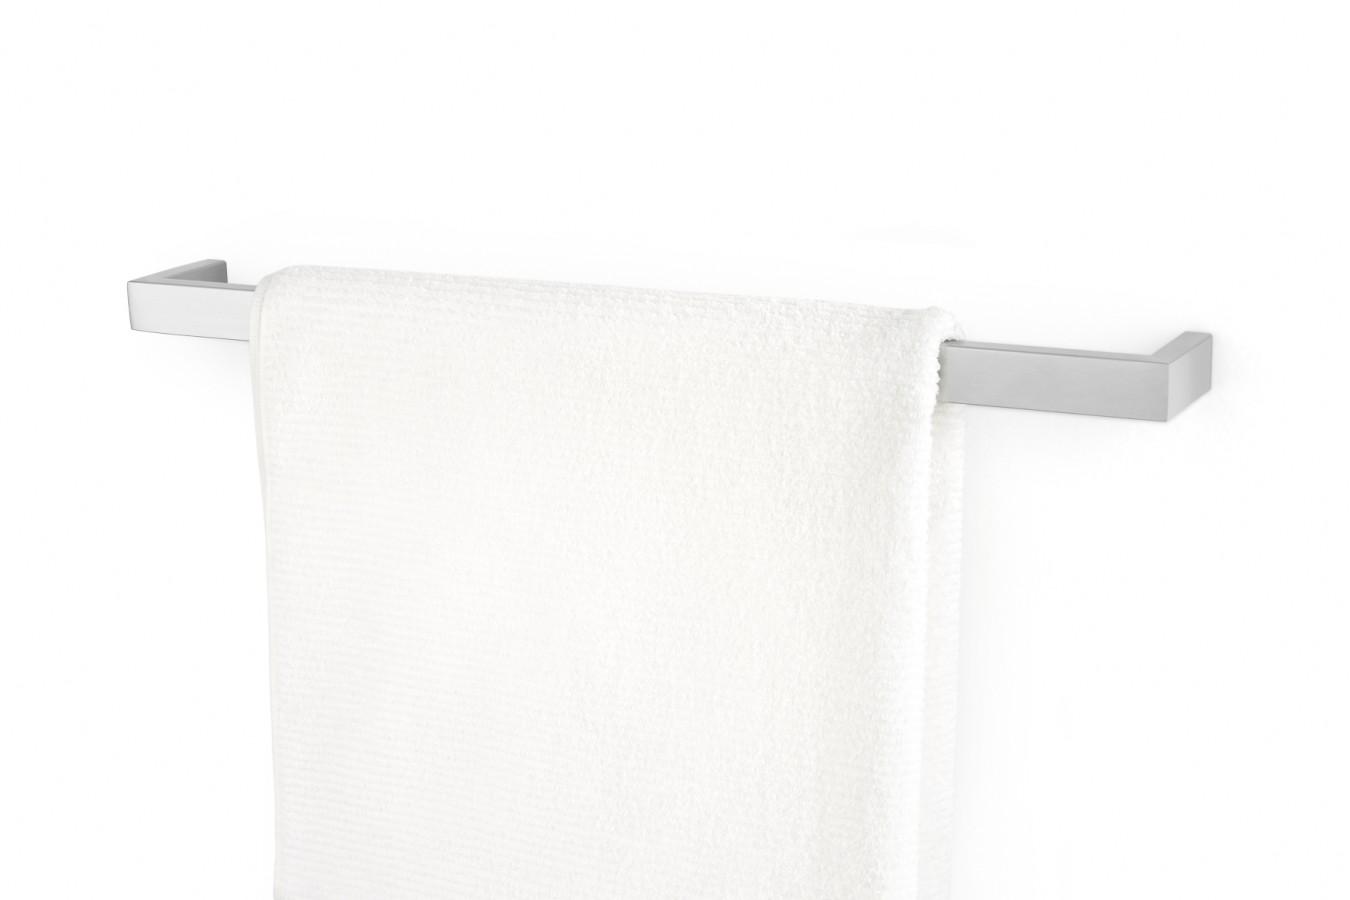 Reling łazienkowy ZACK LINEA 40388